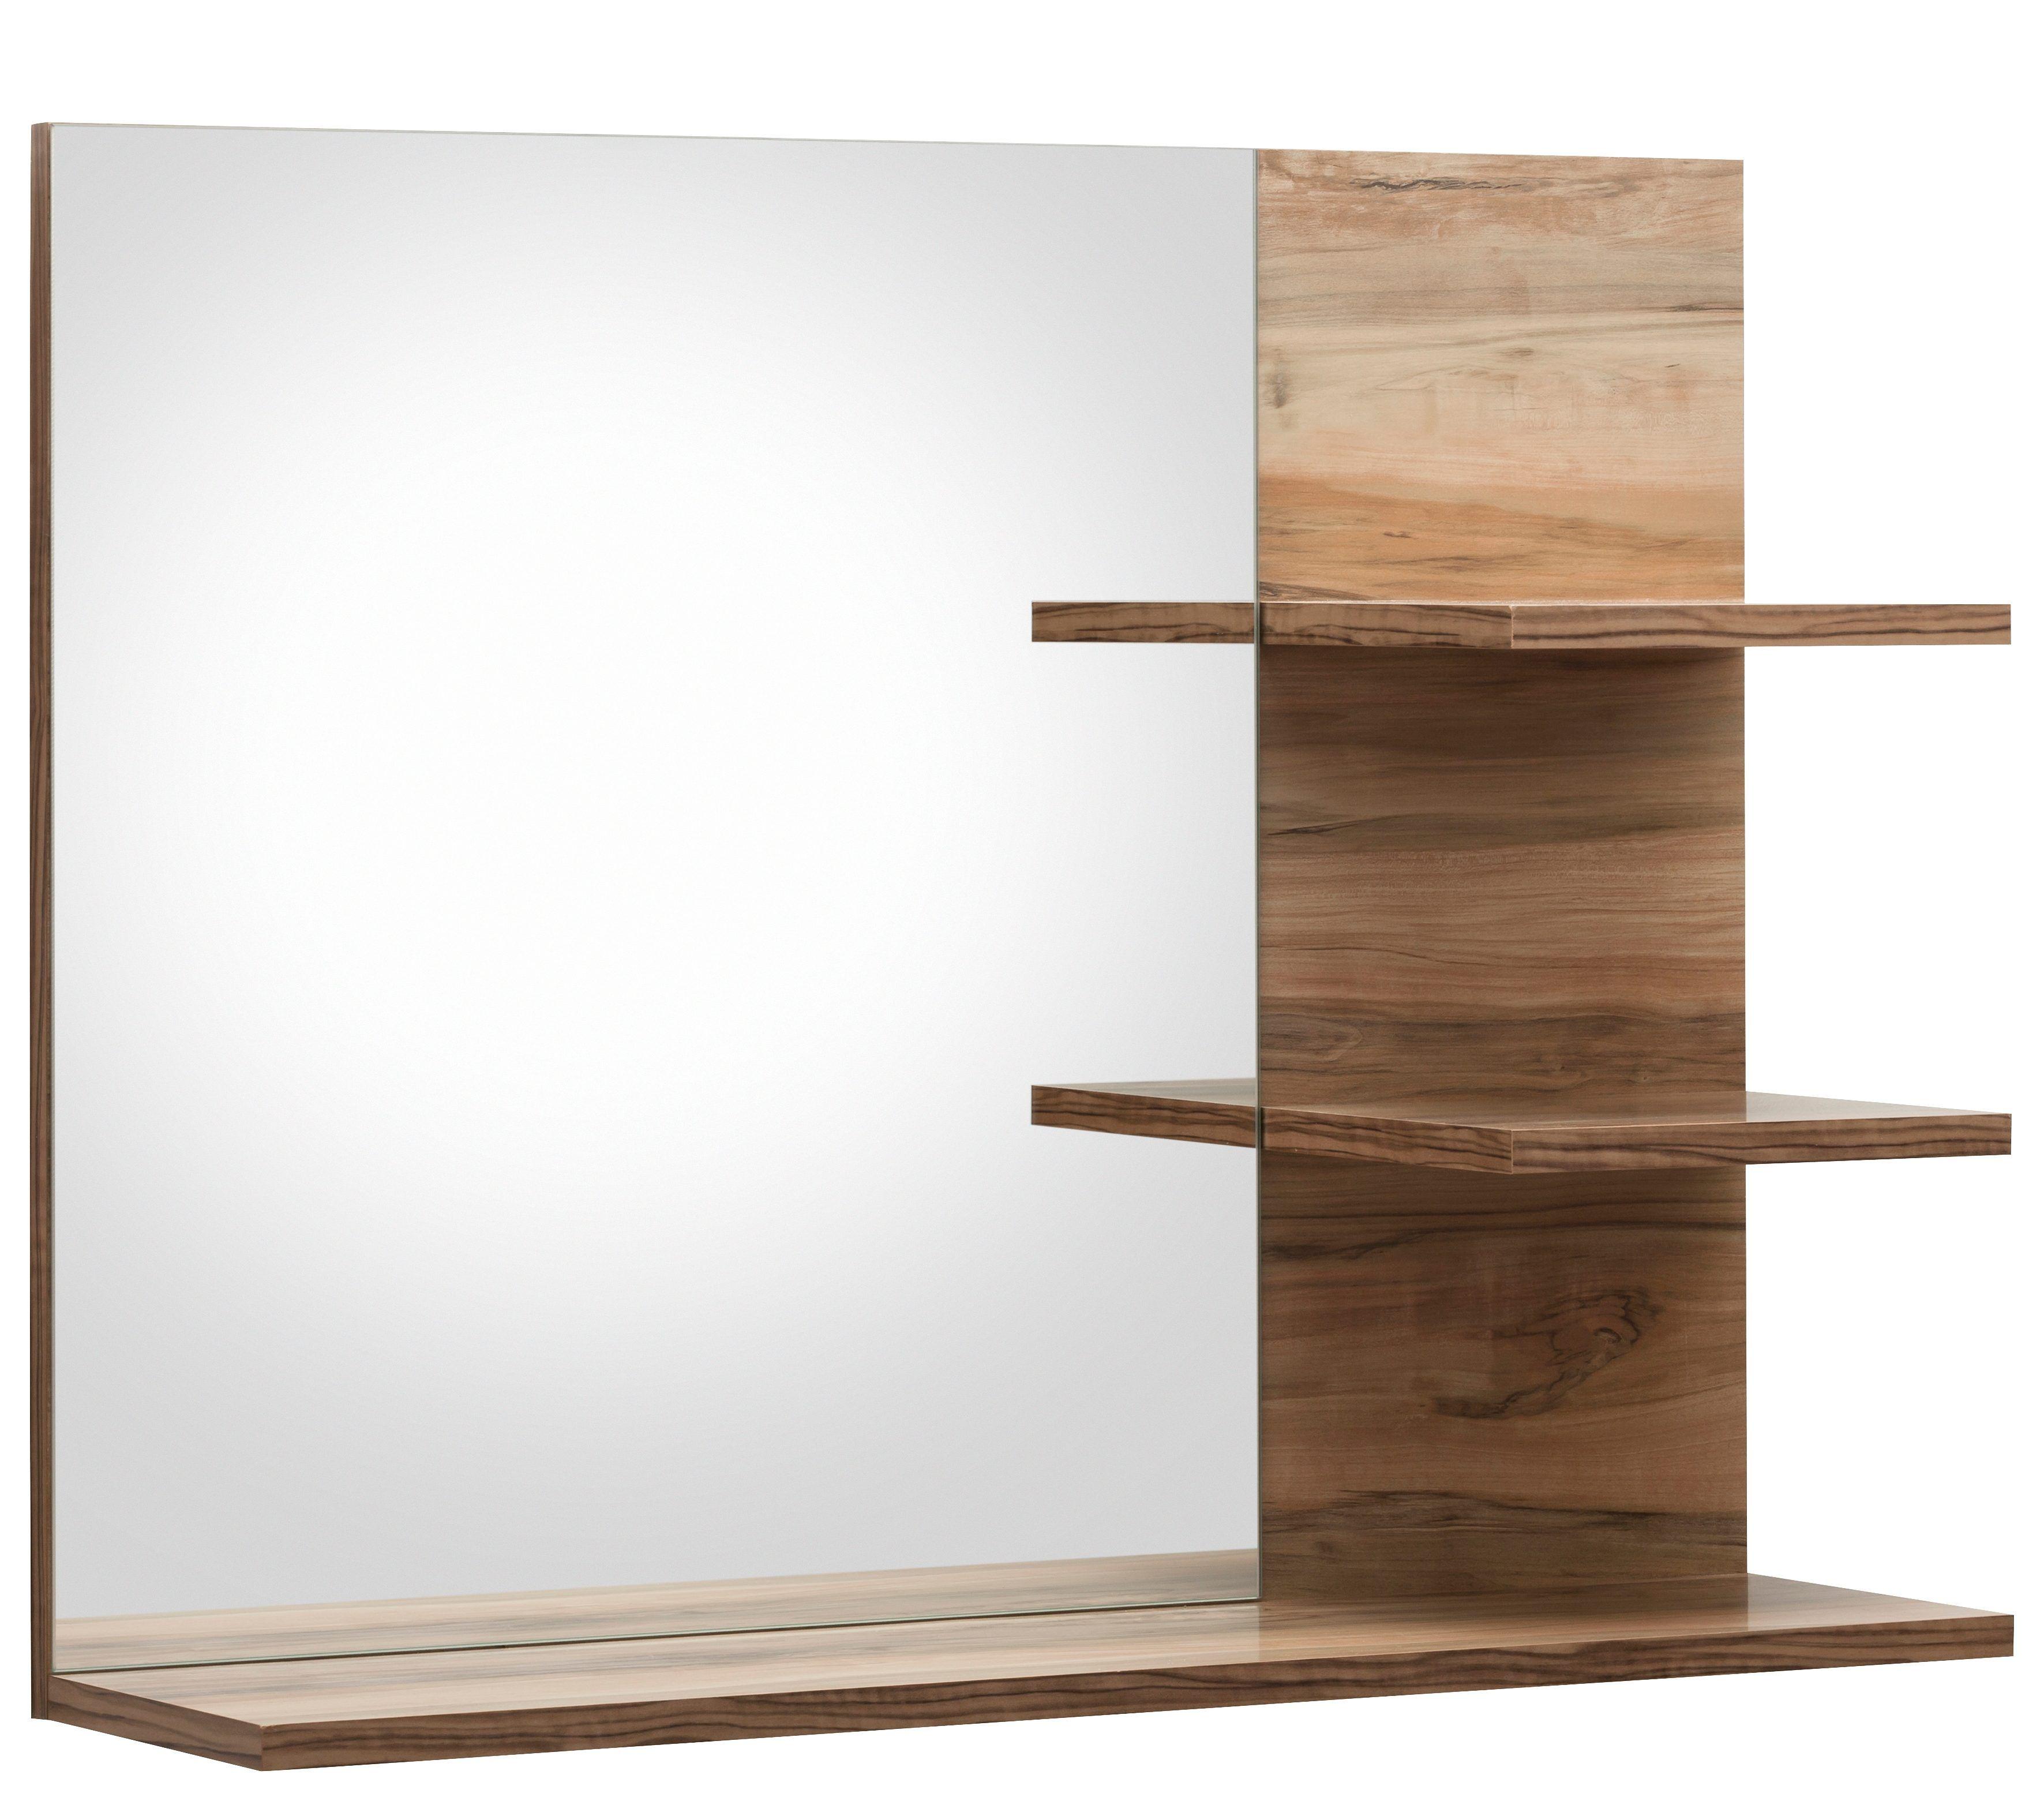 Badezimmerspiegel Holz Mit Regal Spiegel Mit Ablage Badezimmer